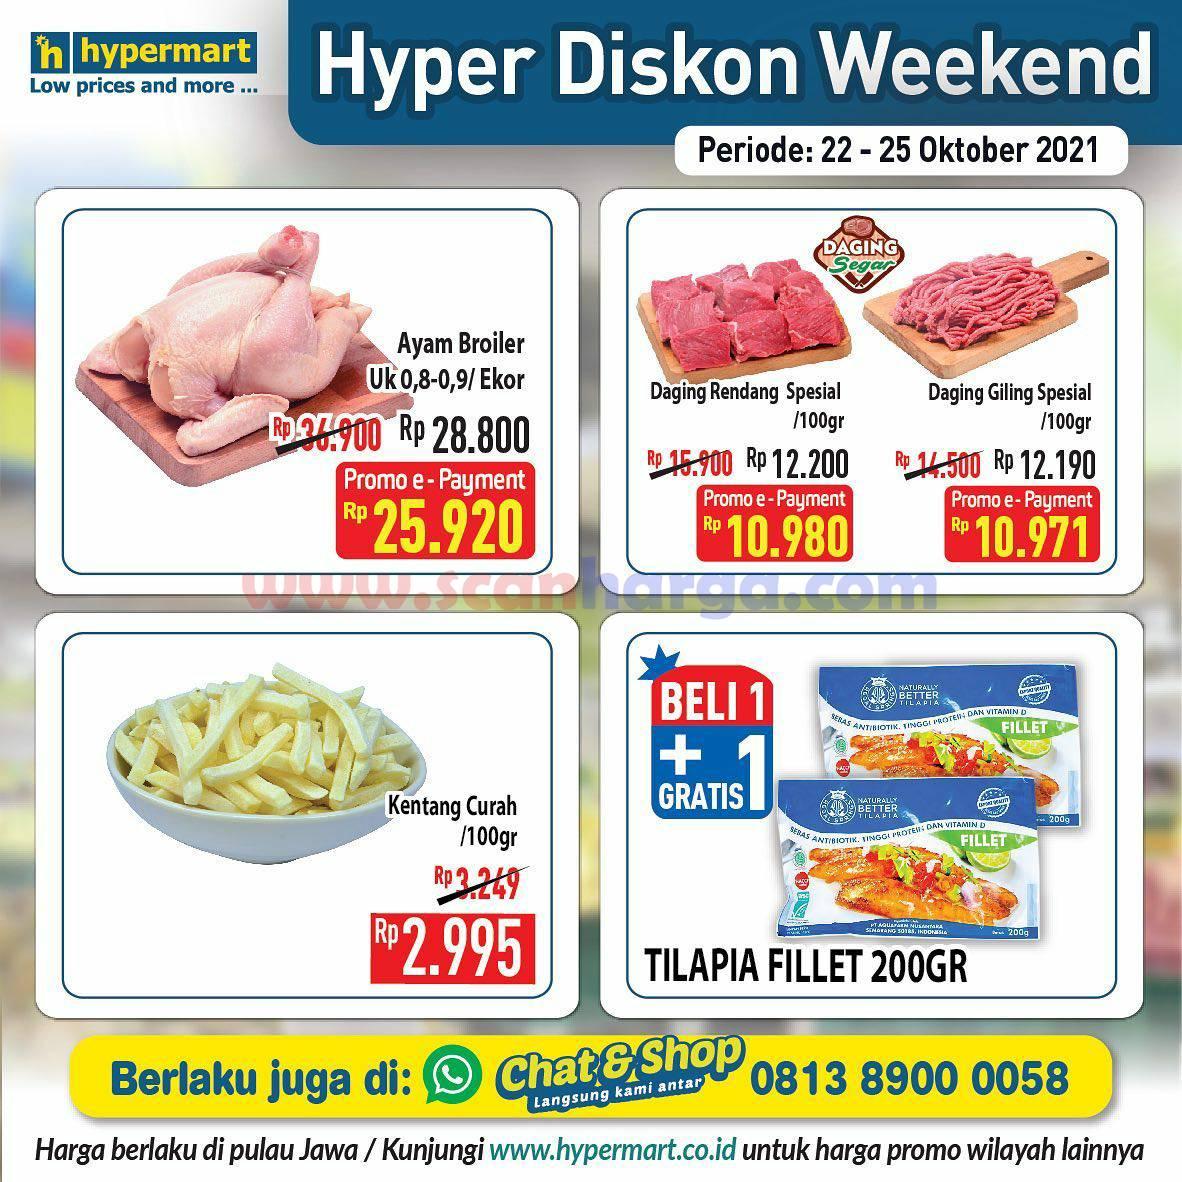 Promo Hypermart Weekend Terbaru 22 - 25 Oktober 2021 3